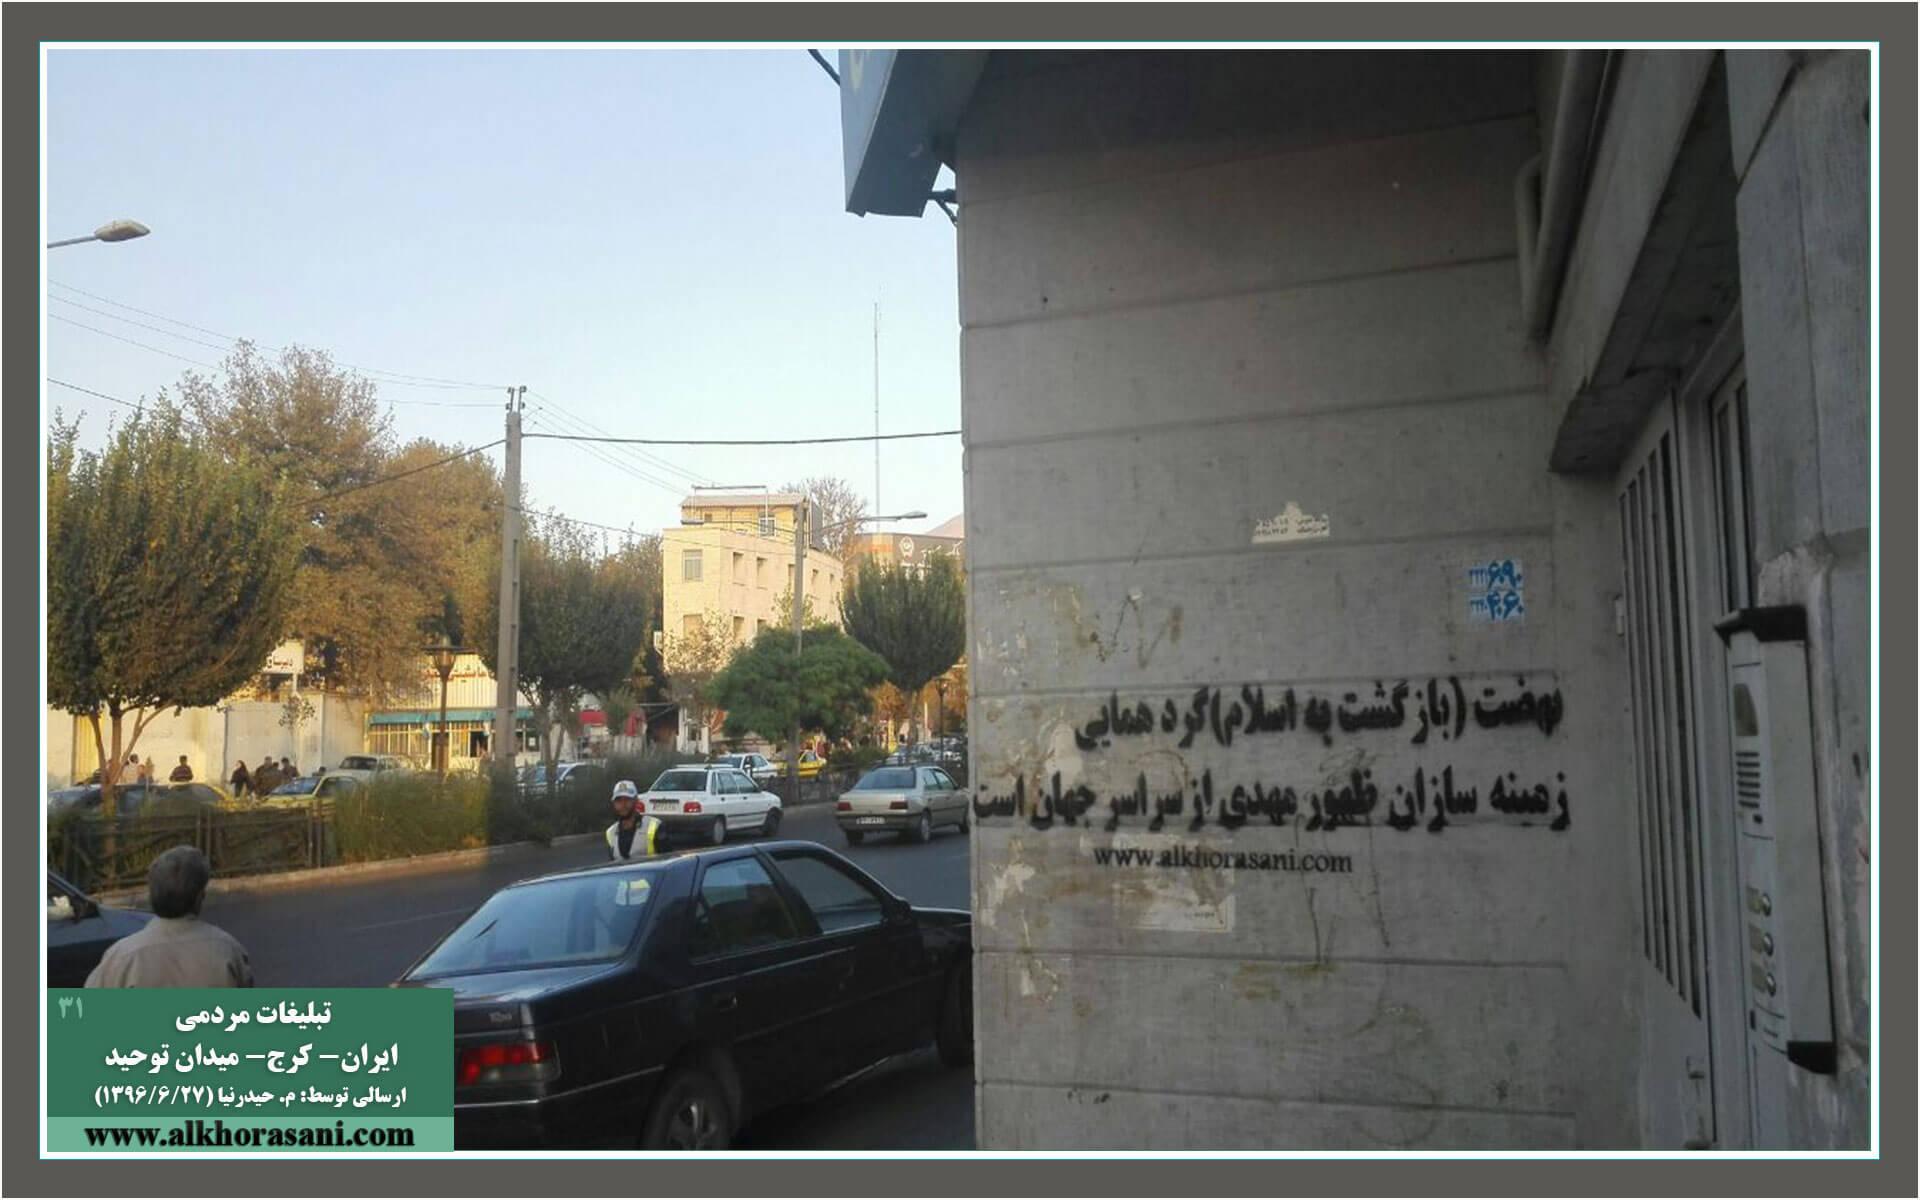 نهضت منصور هاشمی خراسانی